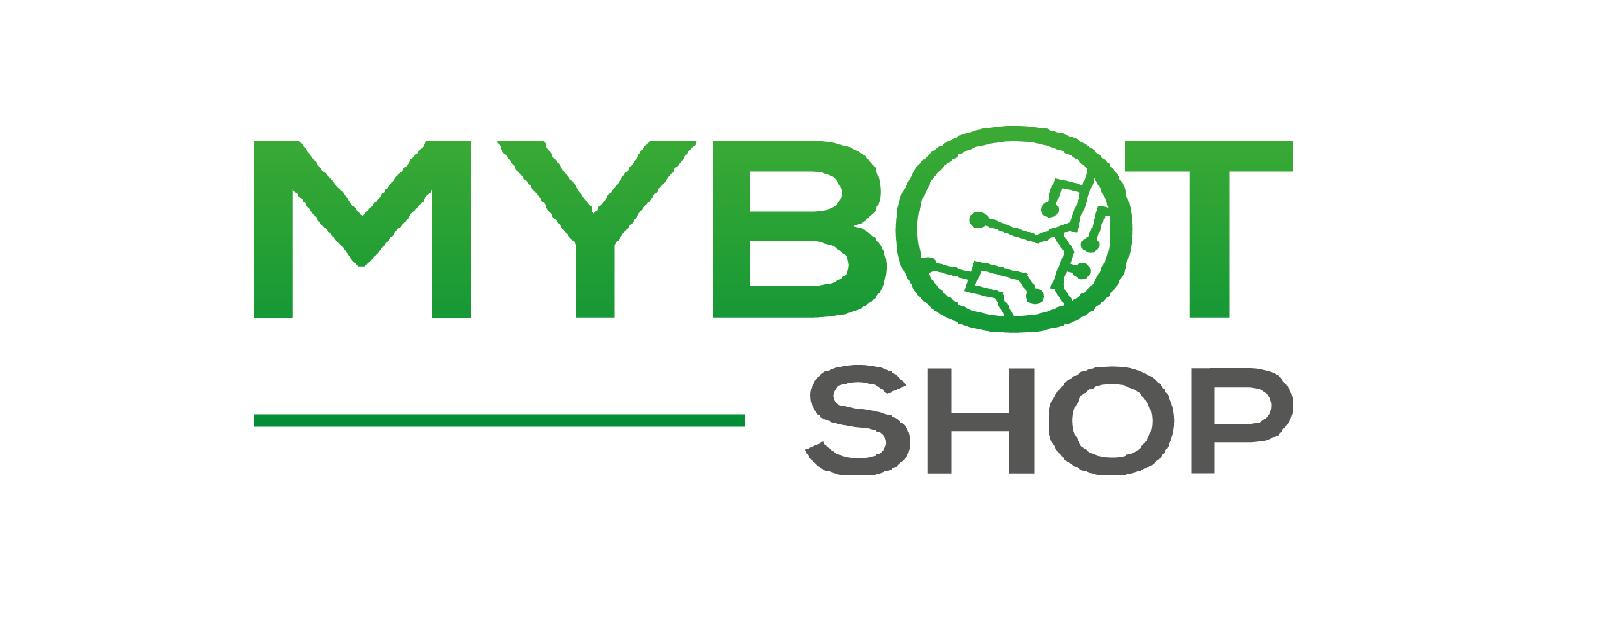 B19458 Mybotshop Logo Km 1